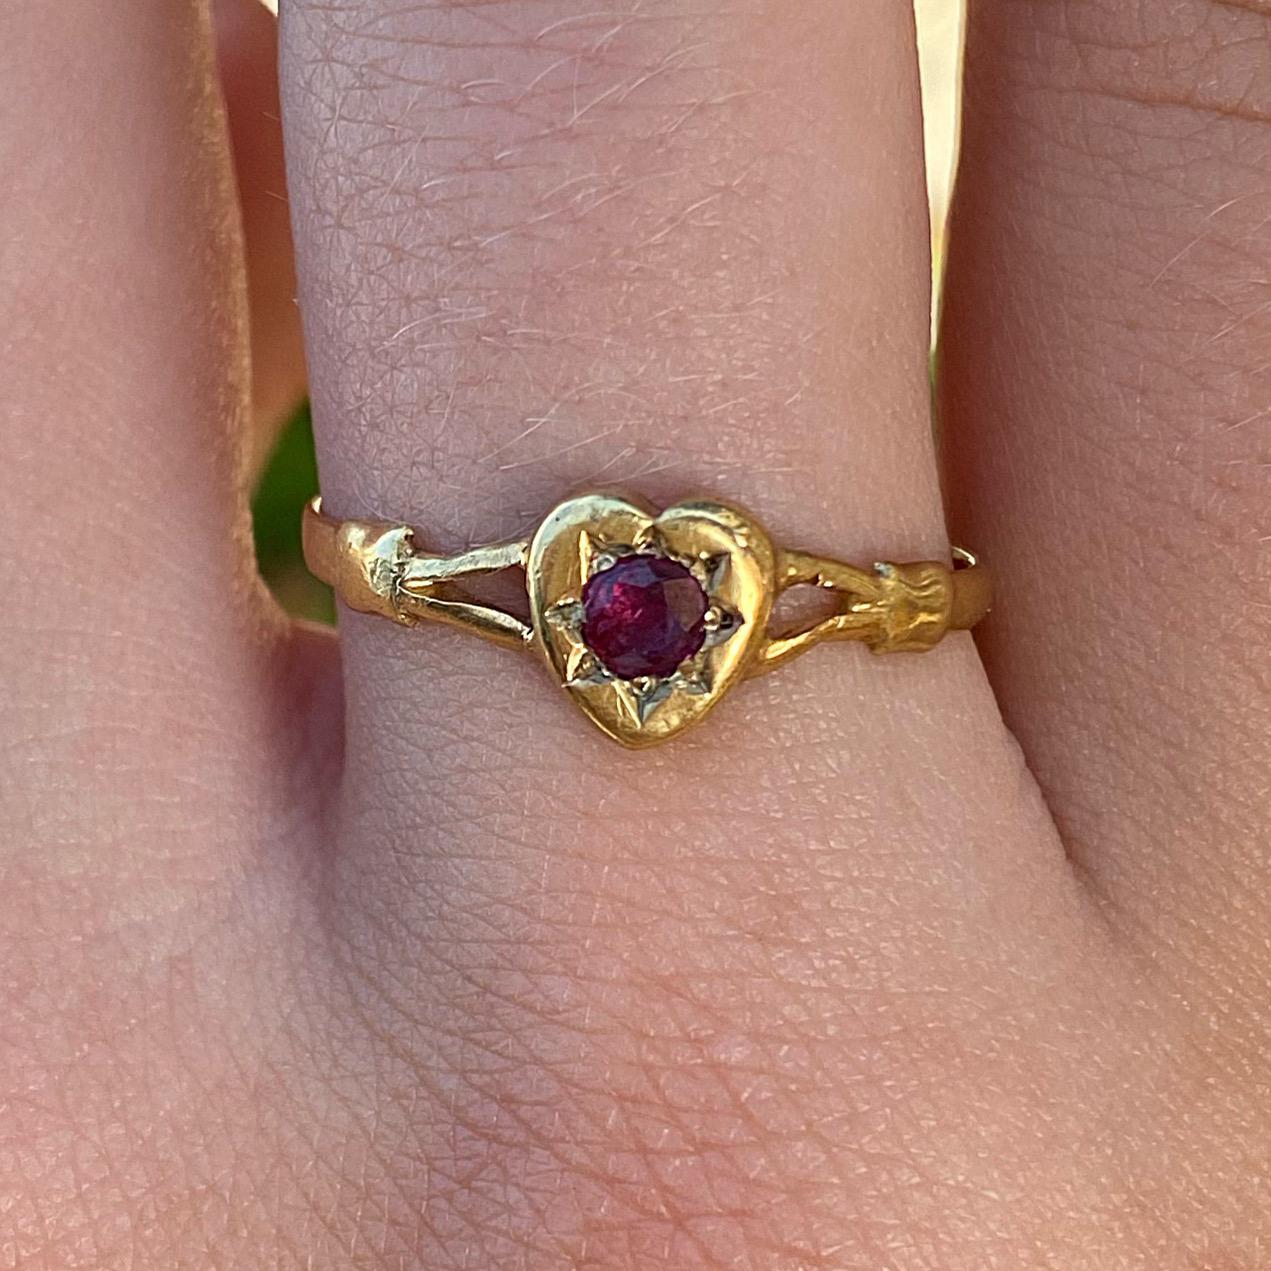 טבעת אנגלית עתיקה חתומה זהב 9k עם לב גרנט.